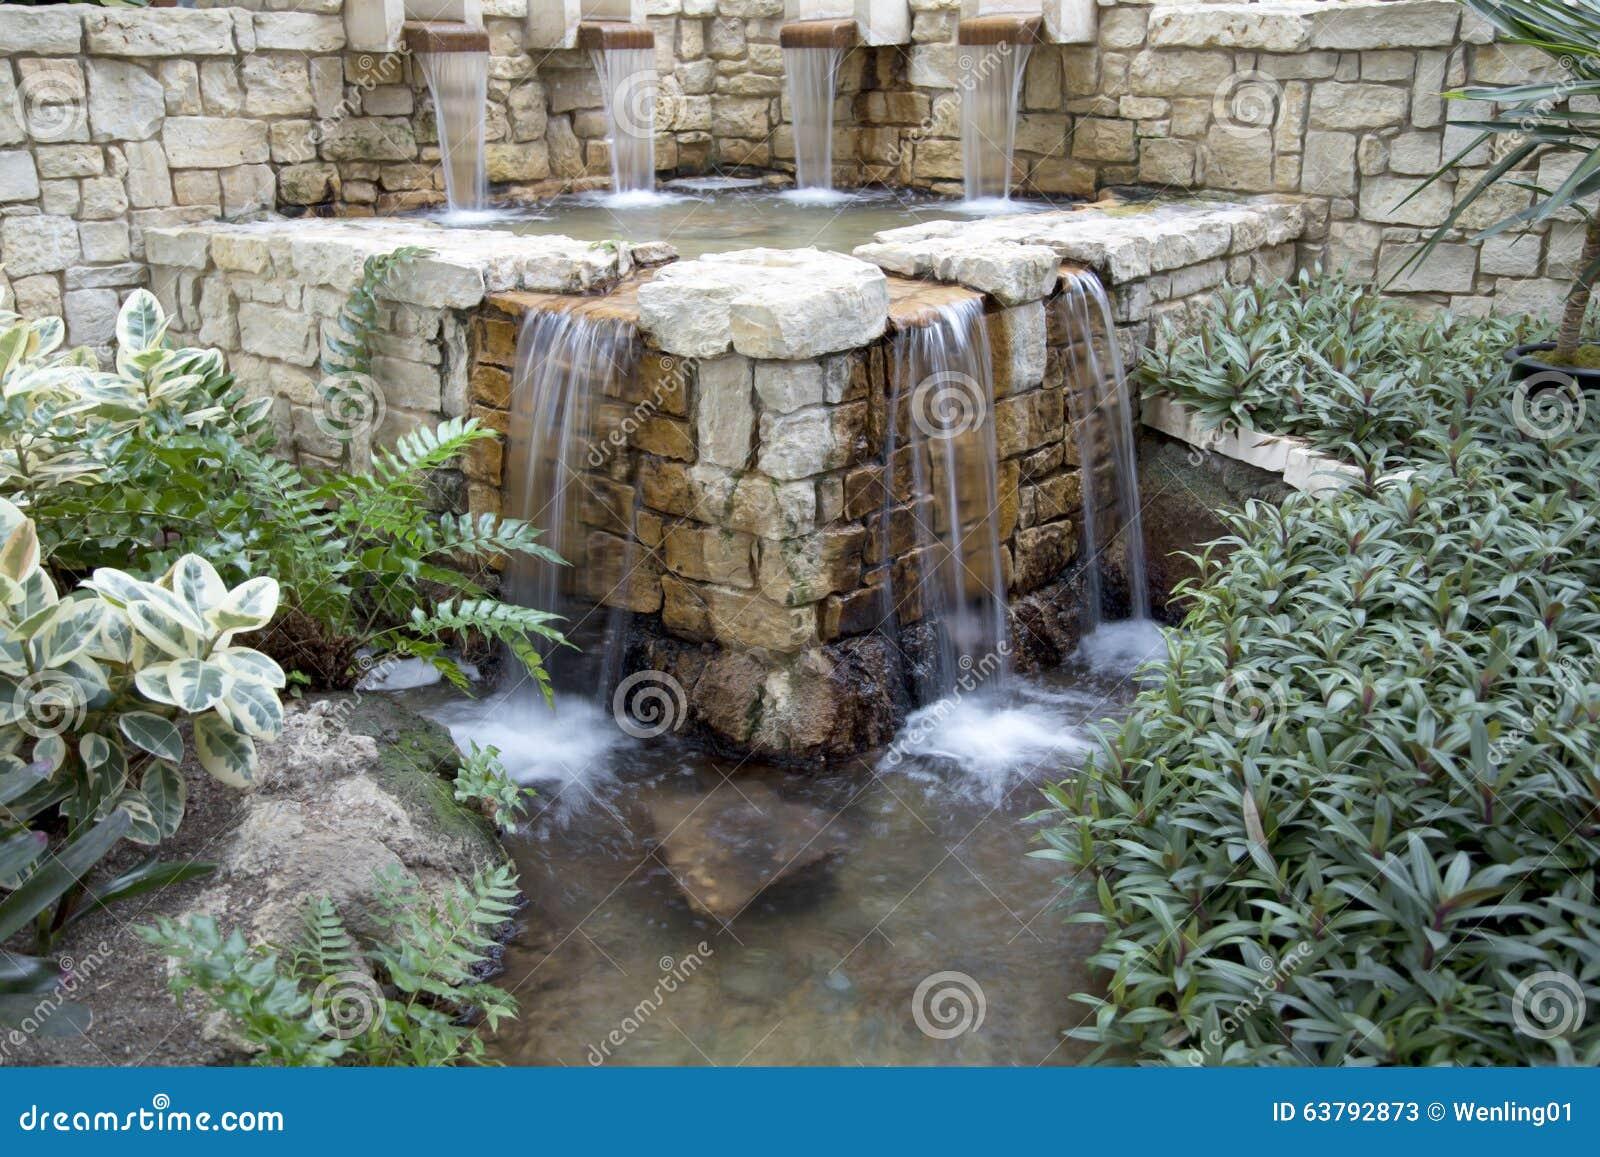 有瀑布设计的里面庭院图片